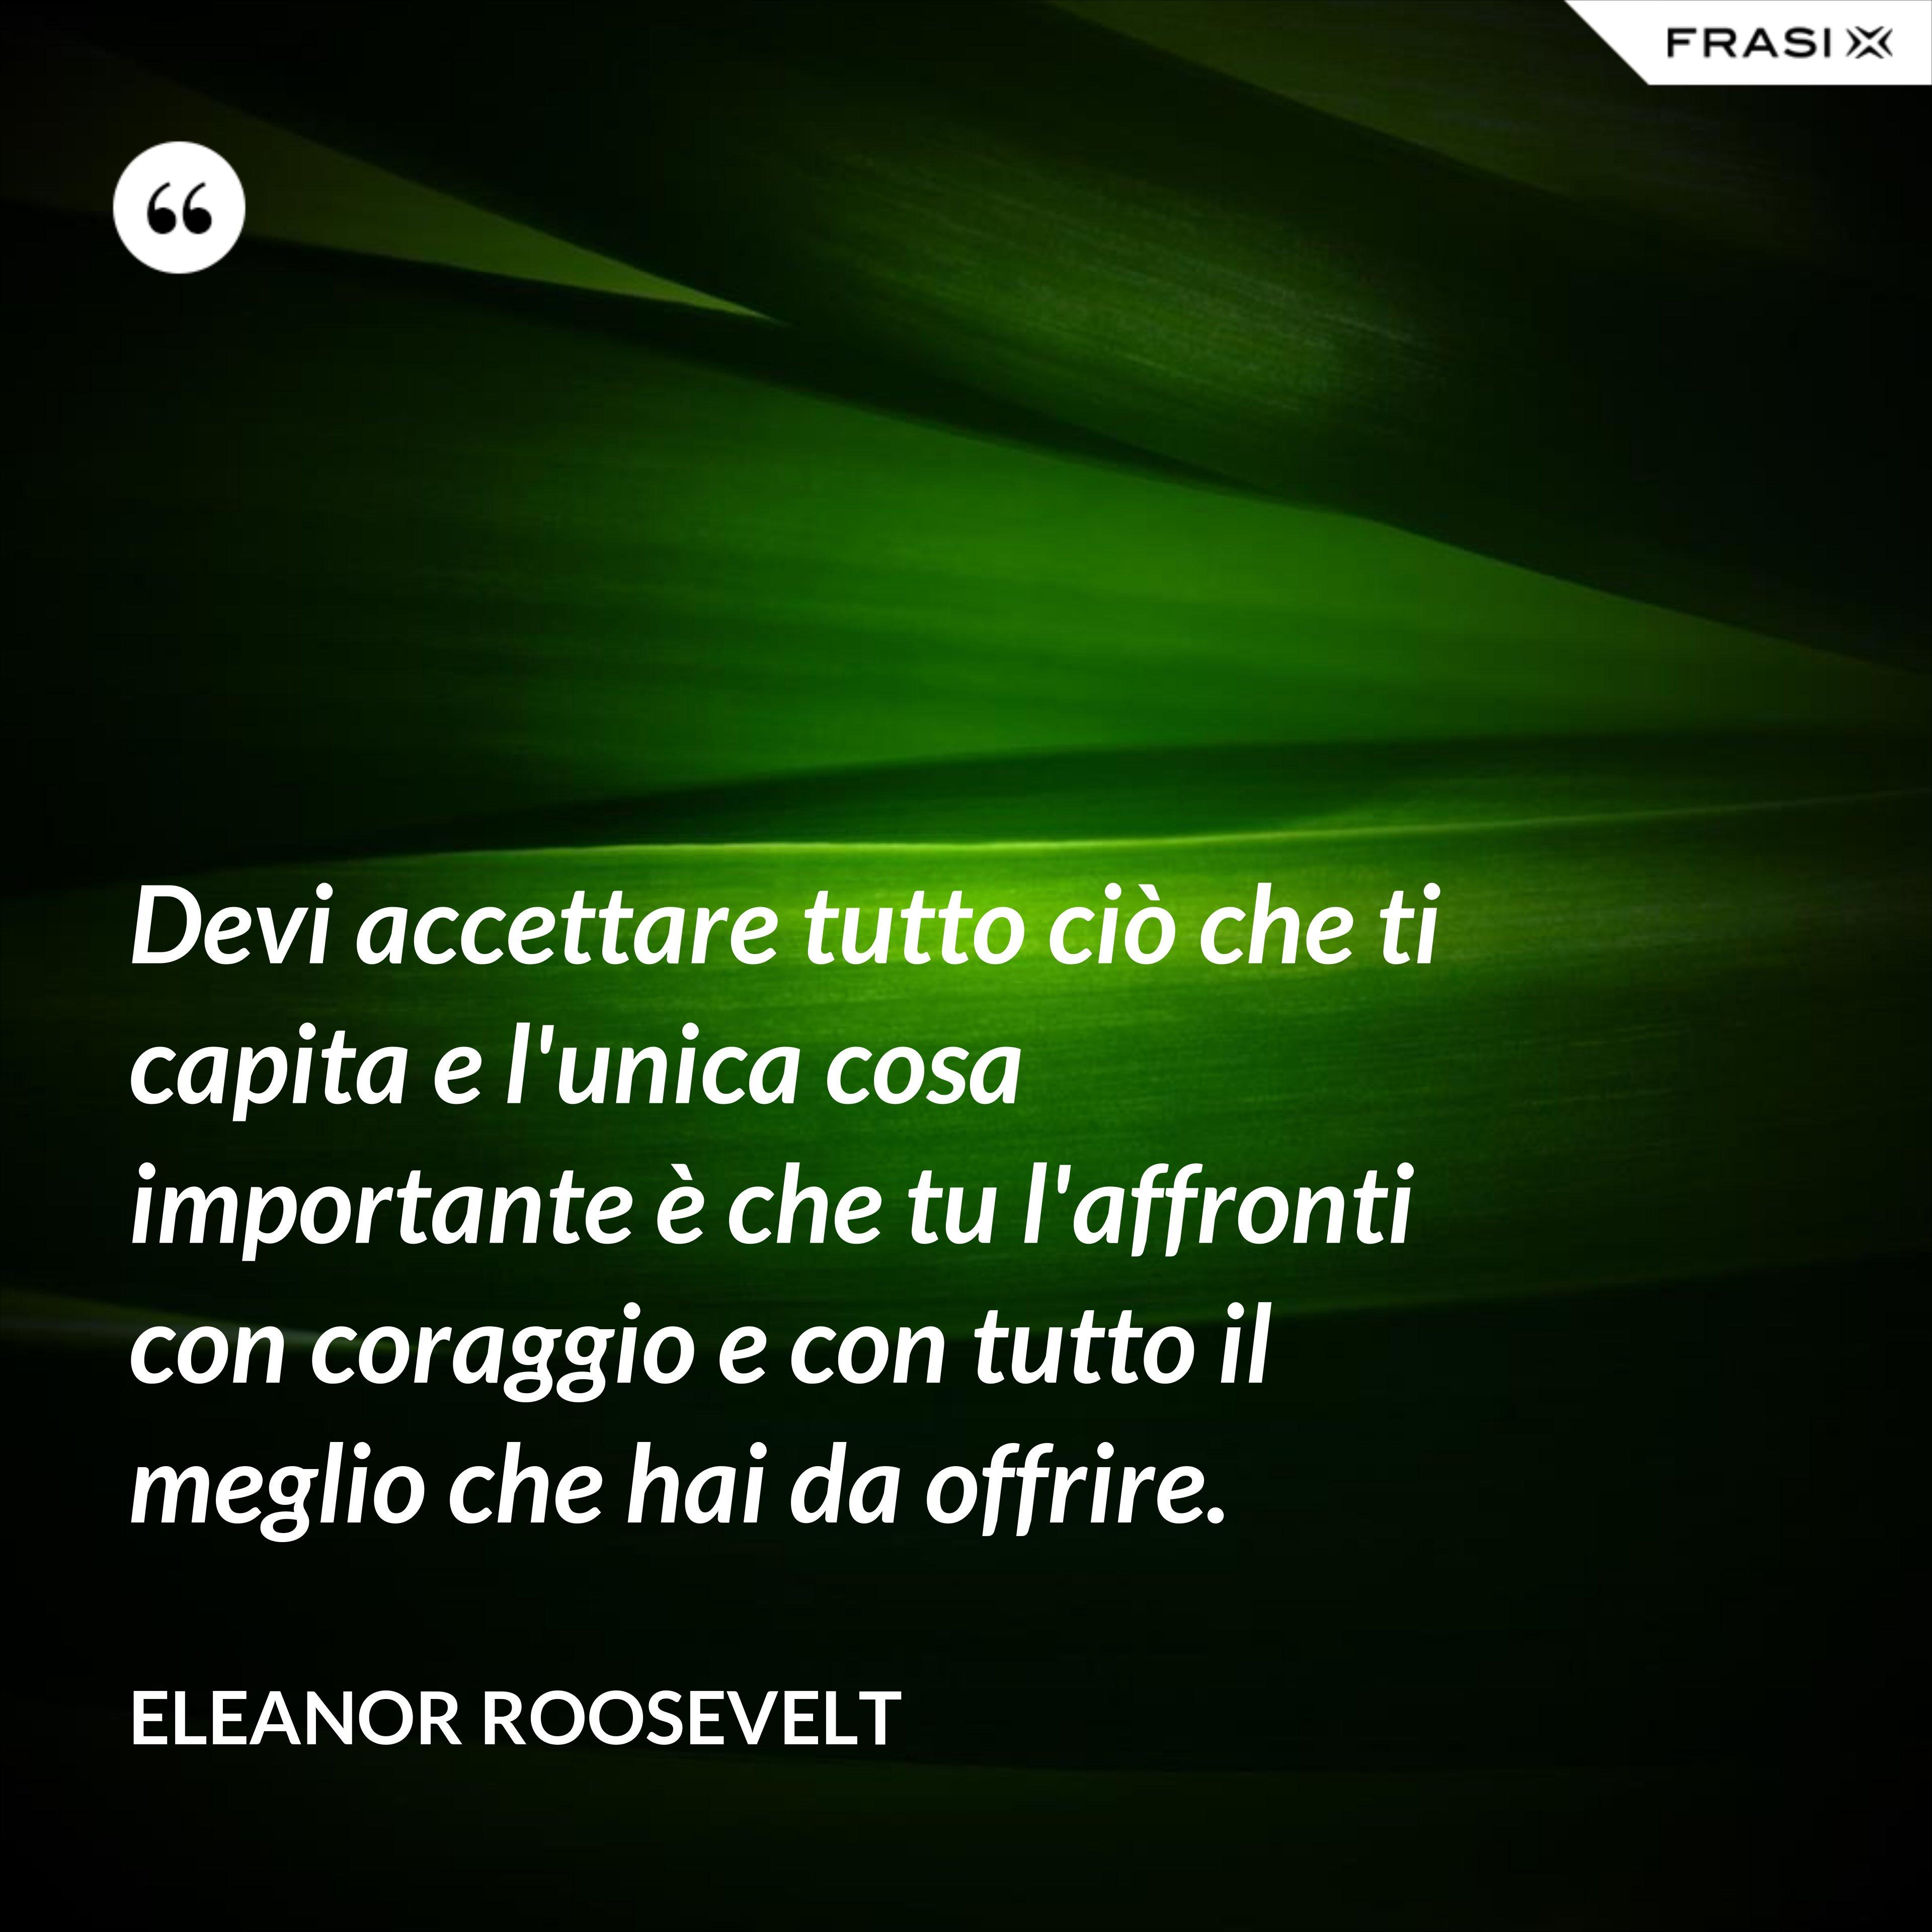 Devi accettare tutto ciò che ti capita e l'unica cosa importante è che tu l'affronti con coraggio e con tutto il meglio che hai da offrire. - Eleanor Roosevelt